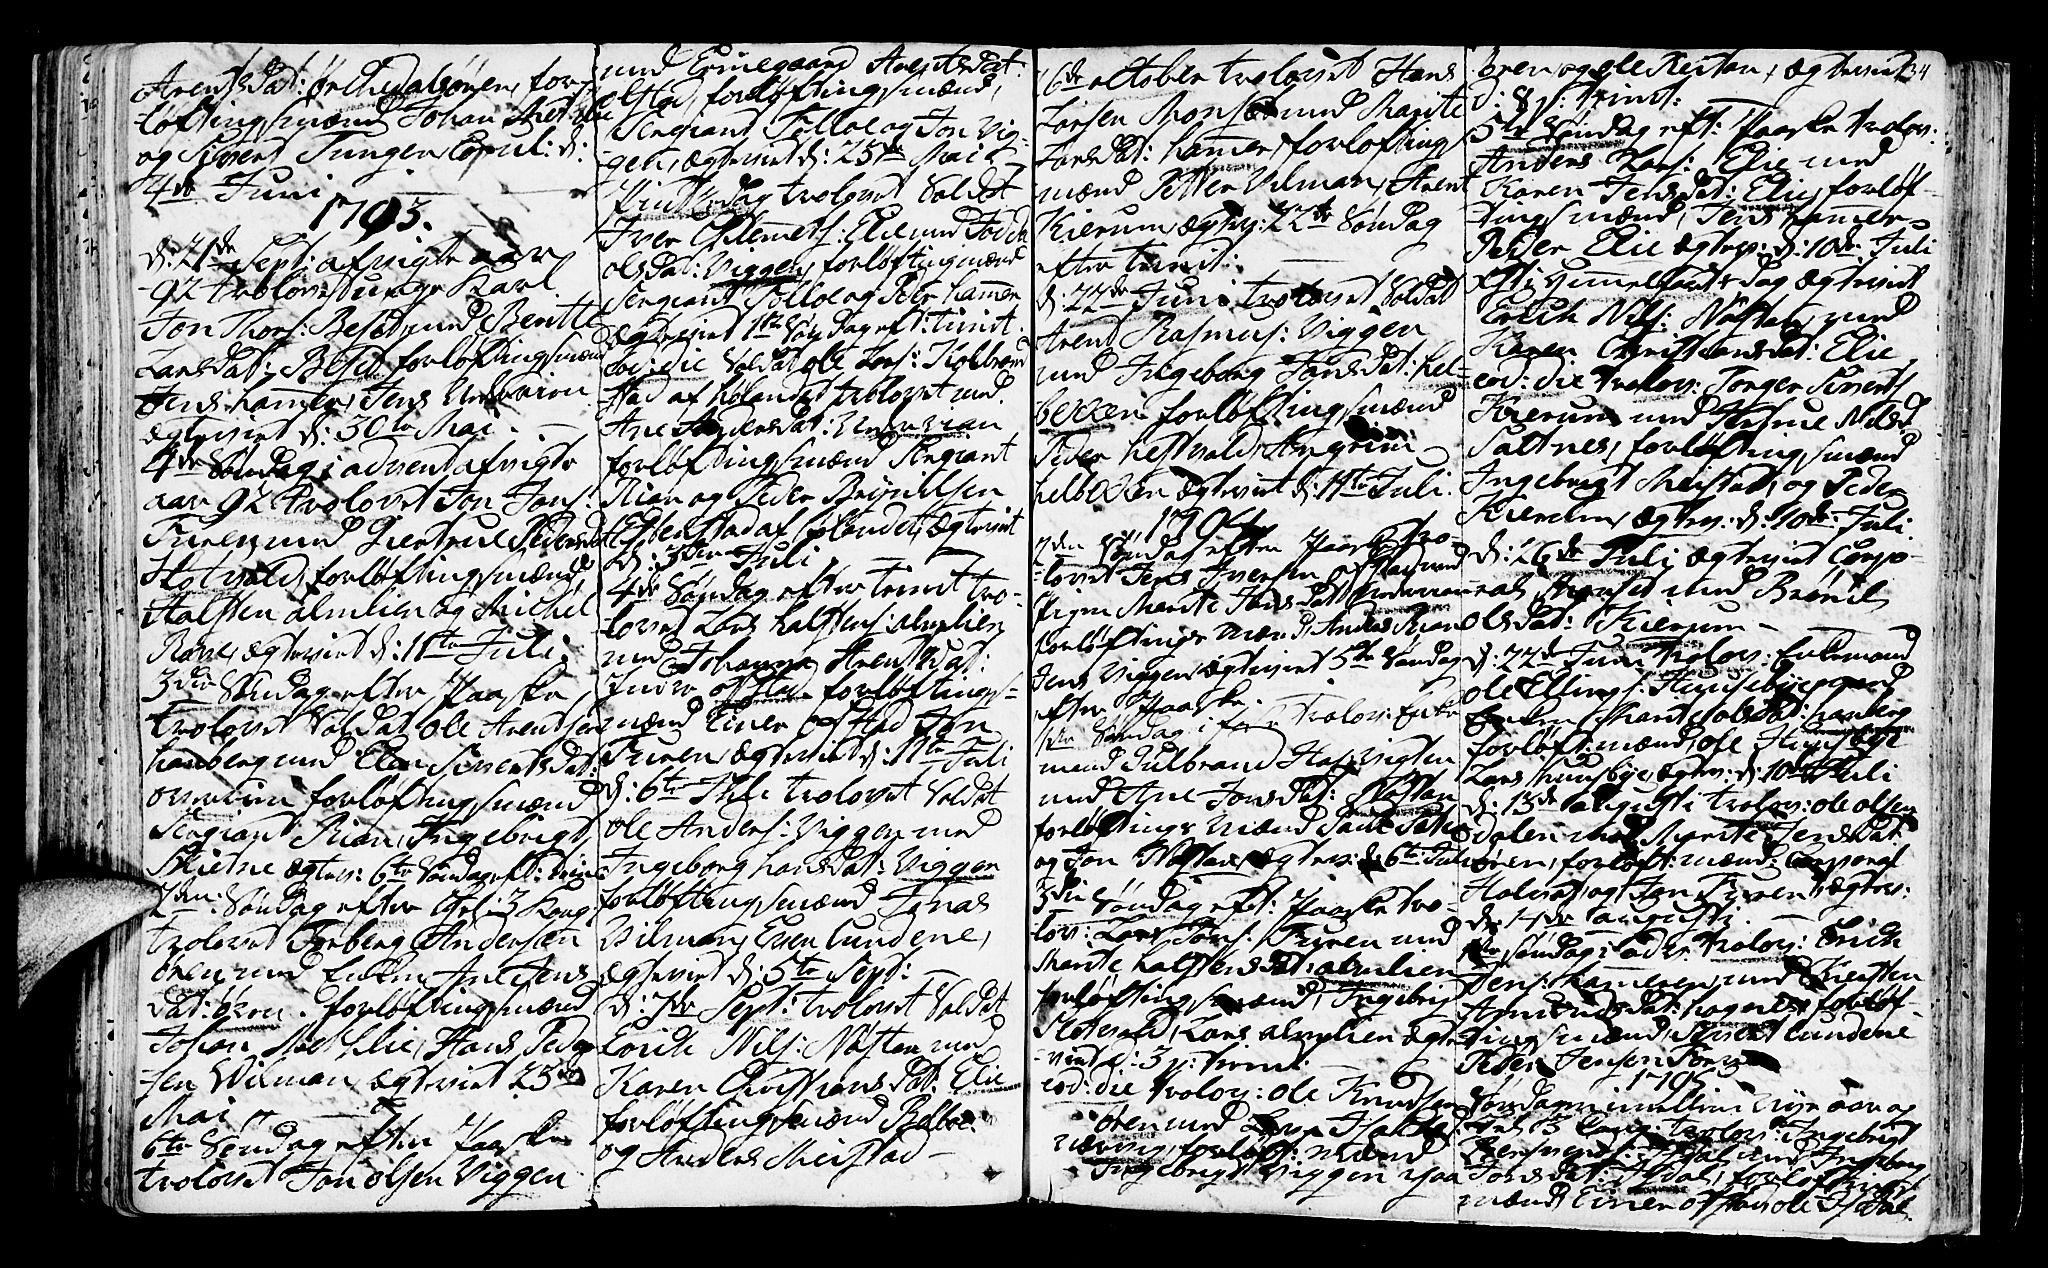 SAT, Ministerialprotokoller, klokkerbøker og fødselsregistre - Sør-Trøndelag, 665/L0768: Ministerialbok nr. 665A03, 1754-1803, s. 134